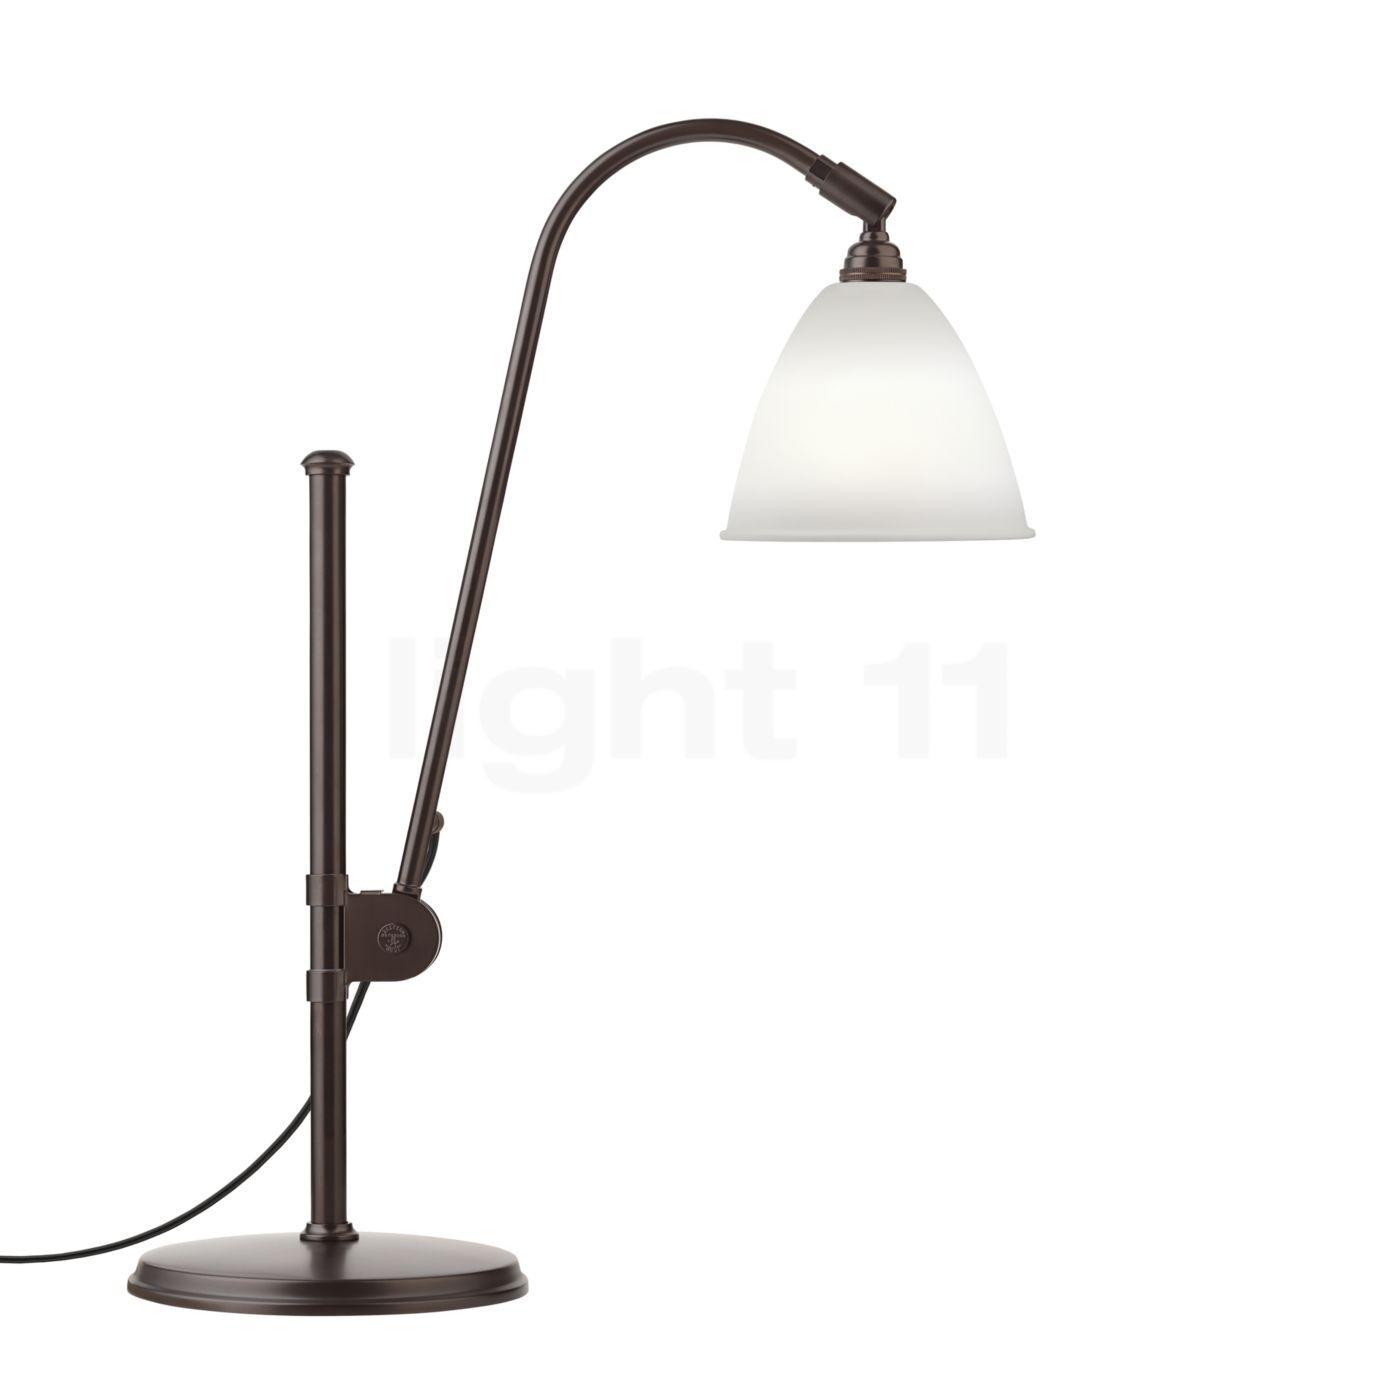 Gubi BL1 Lampe de table laiton noir, porcelaine à la cendre d'os